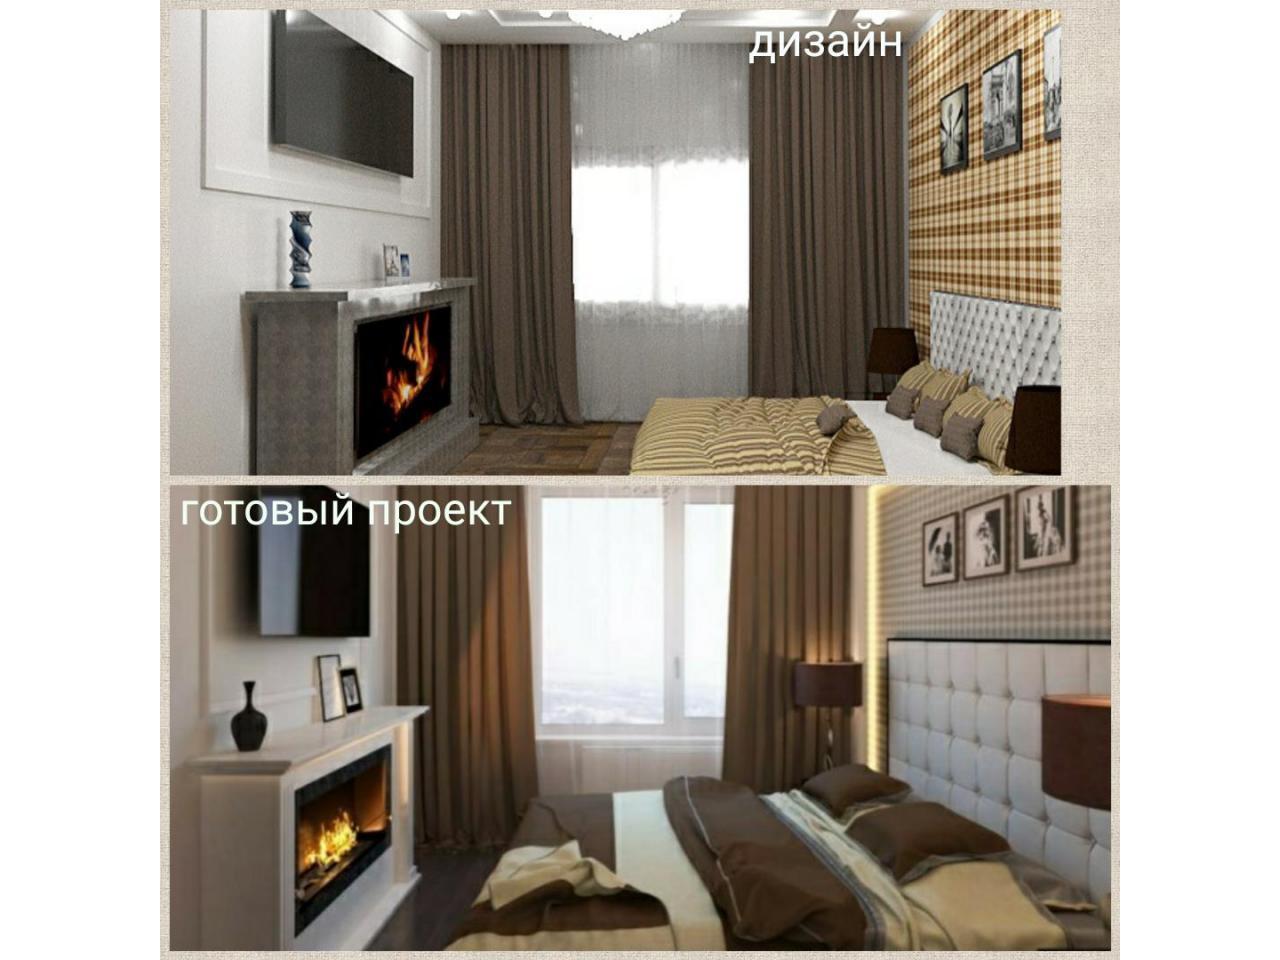 Дизайн и визуализация интерьера - 2